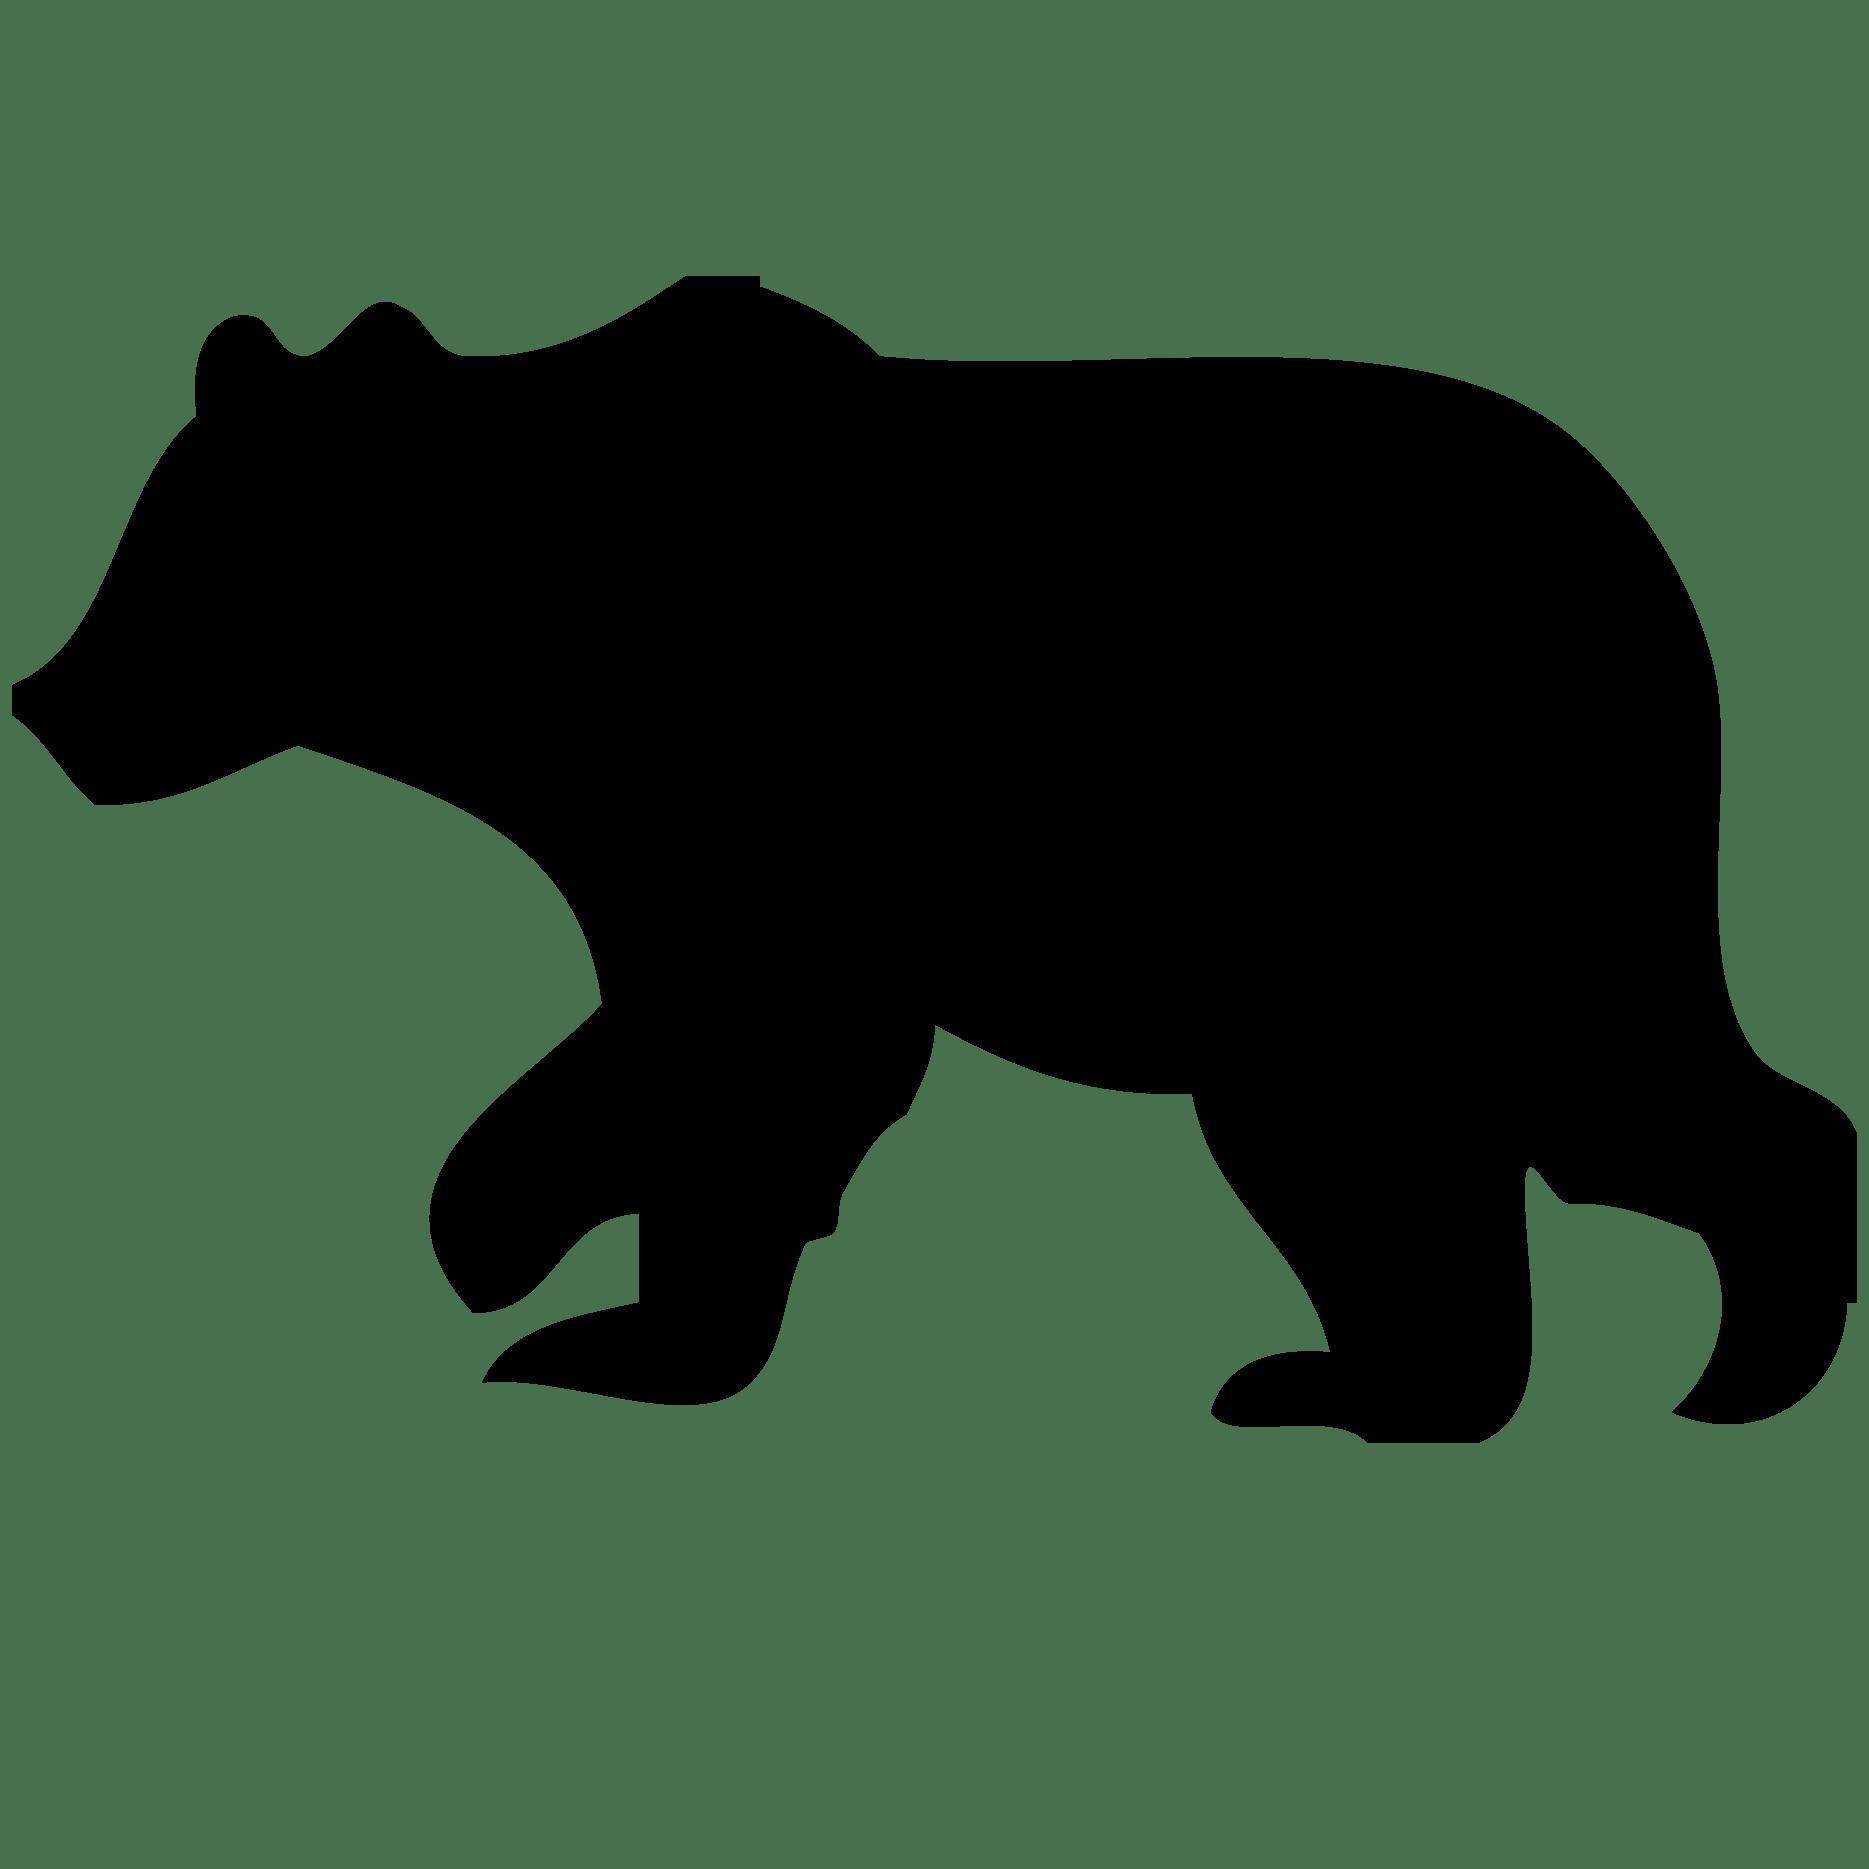 bear cub silhouette at getdrawings com free for personal use bear rh getdrawings com baby bear cub clipart bear cub images clip art